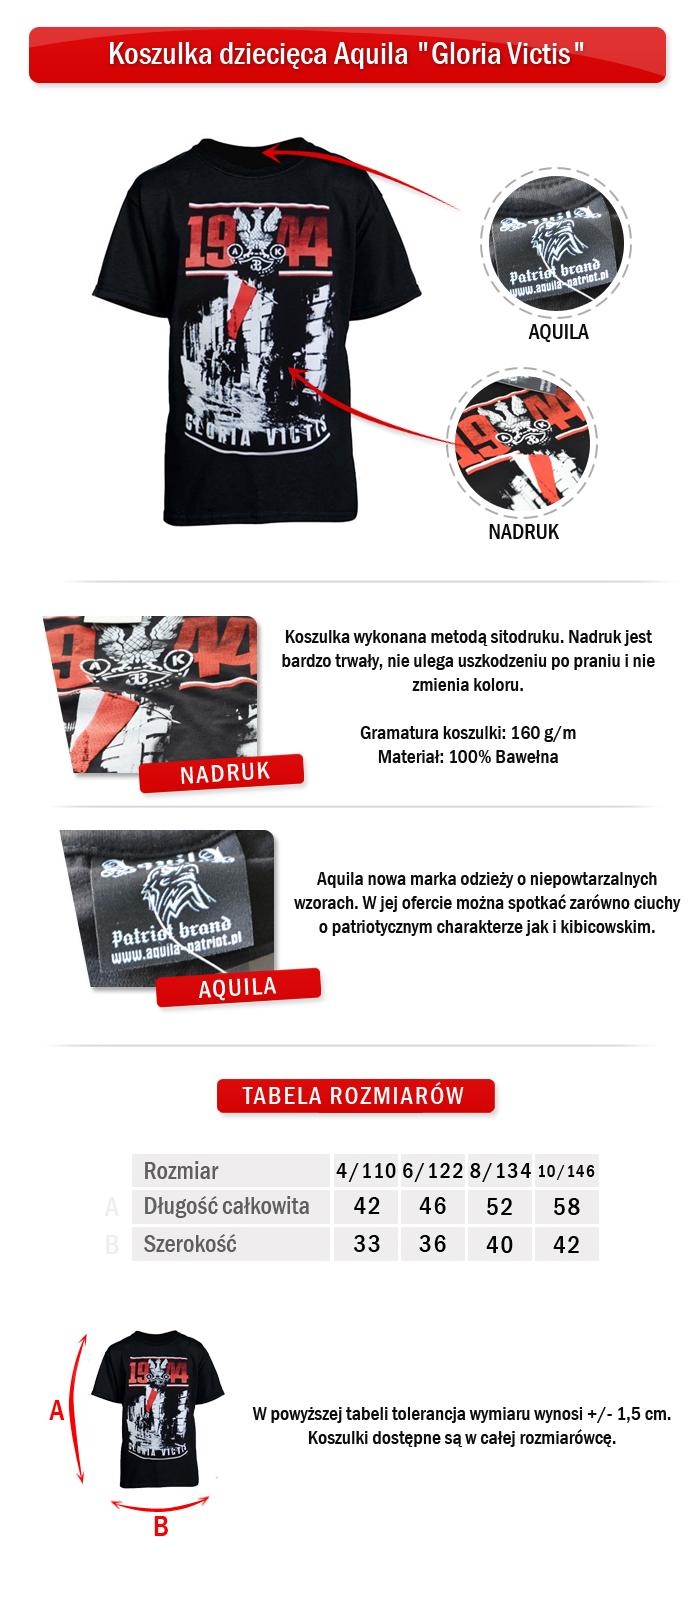 koszulka-dziecieca-aquila-gloria-victis-7